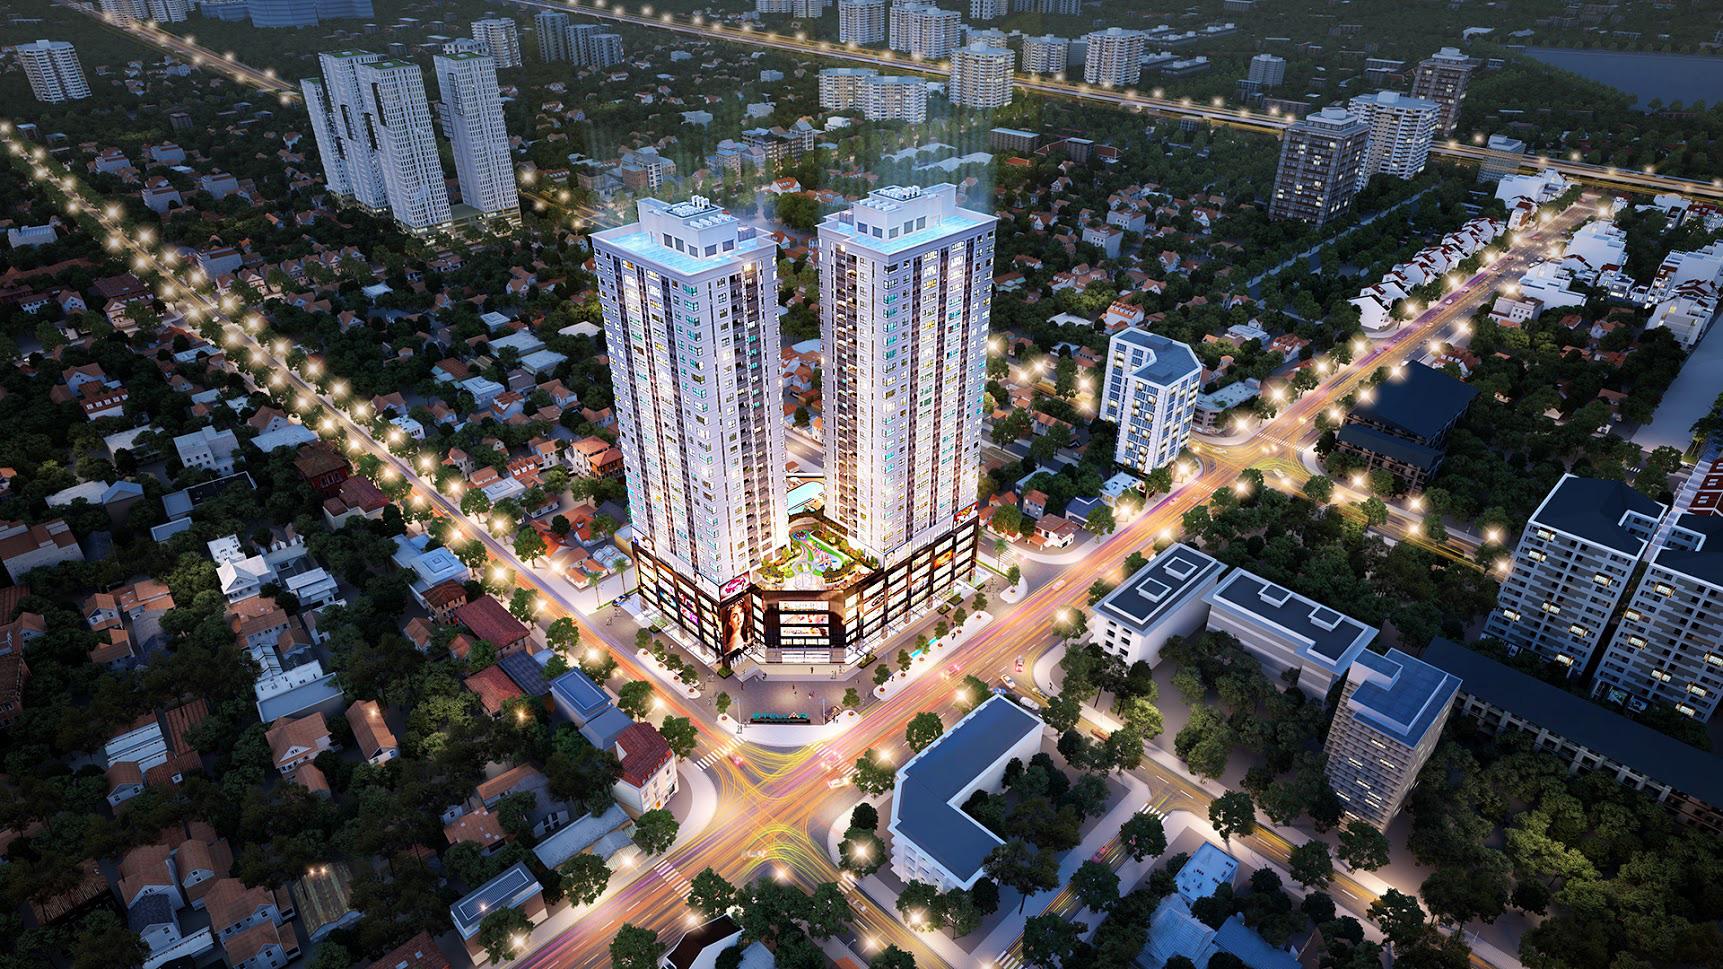 Dự án đang mở bán ở Hà Nội: Stellar Garden gần Lê Văn Lương, giá từ 33 triệu đồng/m2  - Ảnh 1.